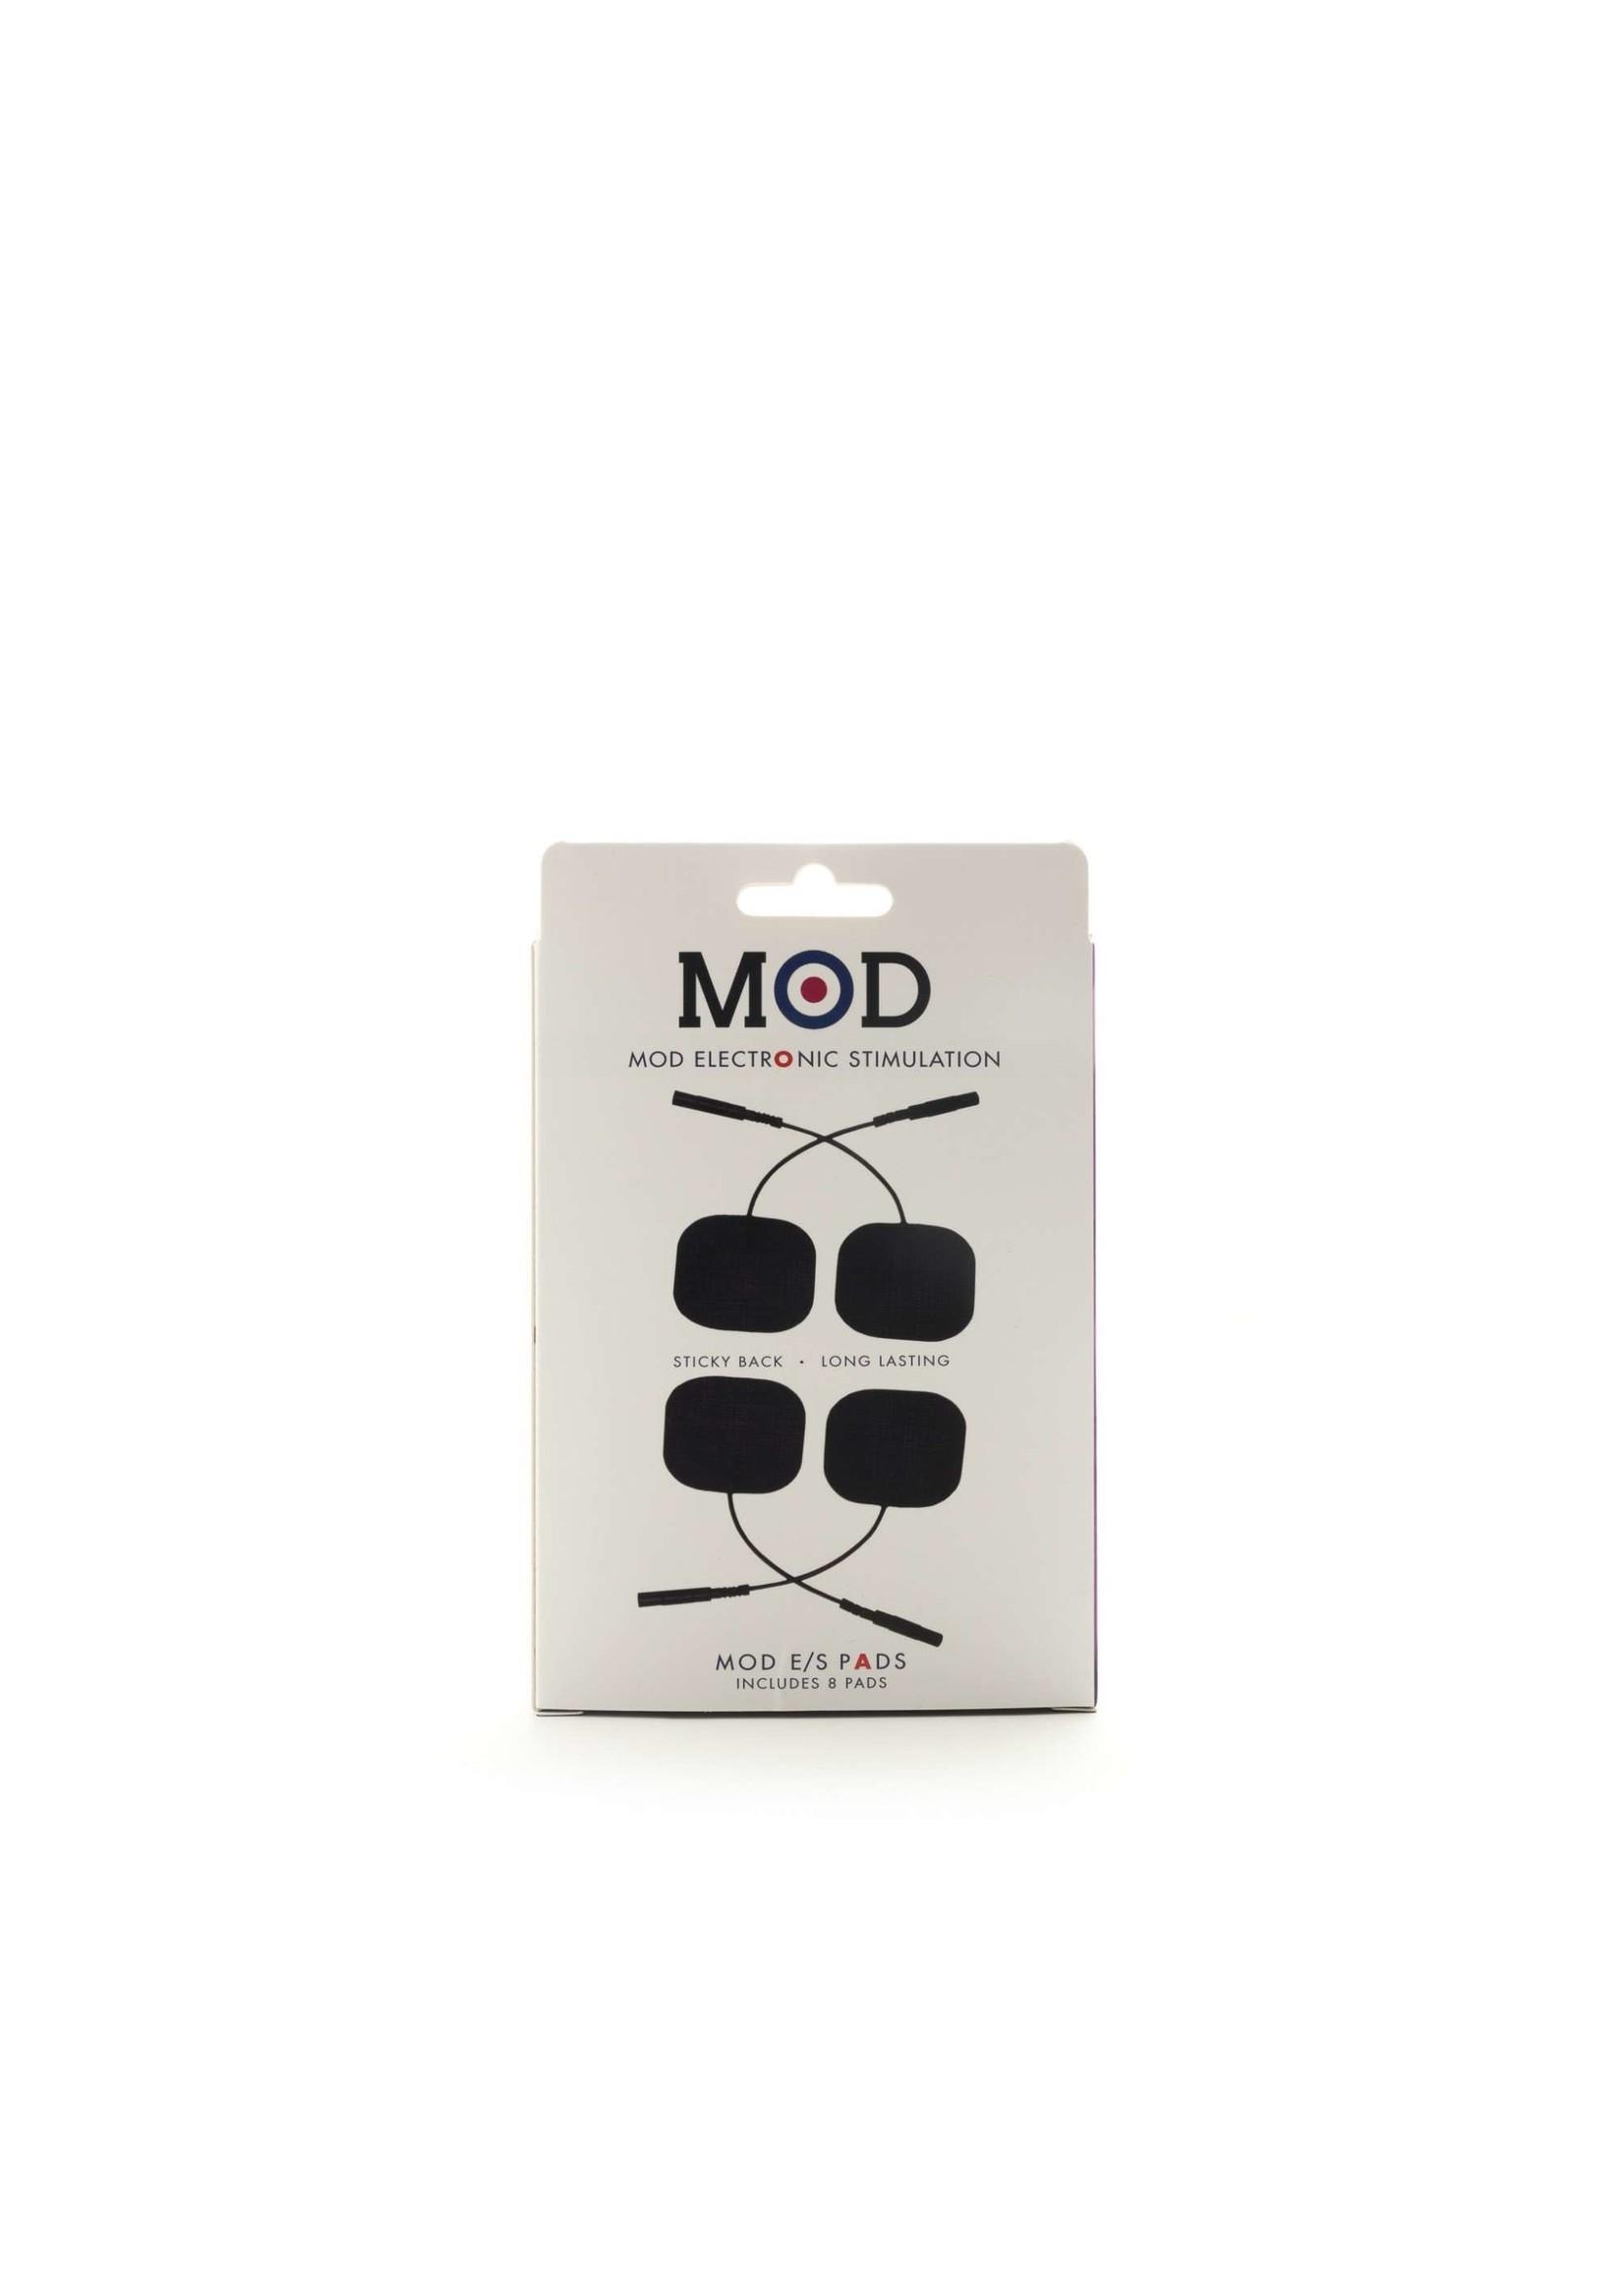 MOD MOD E/S Body Pads